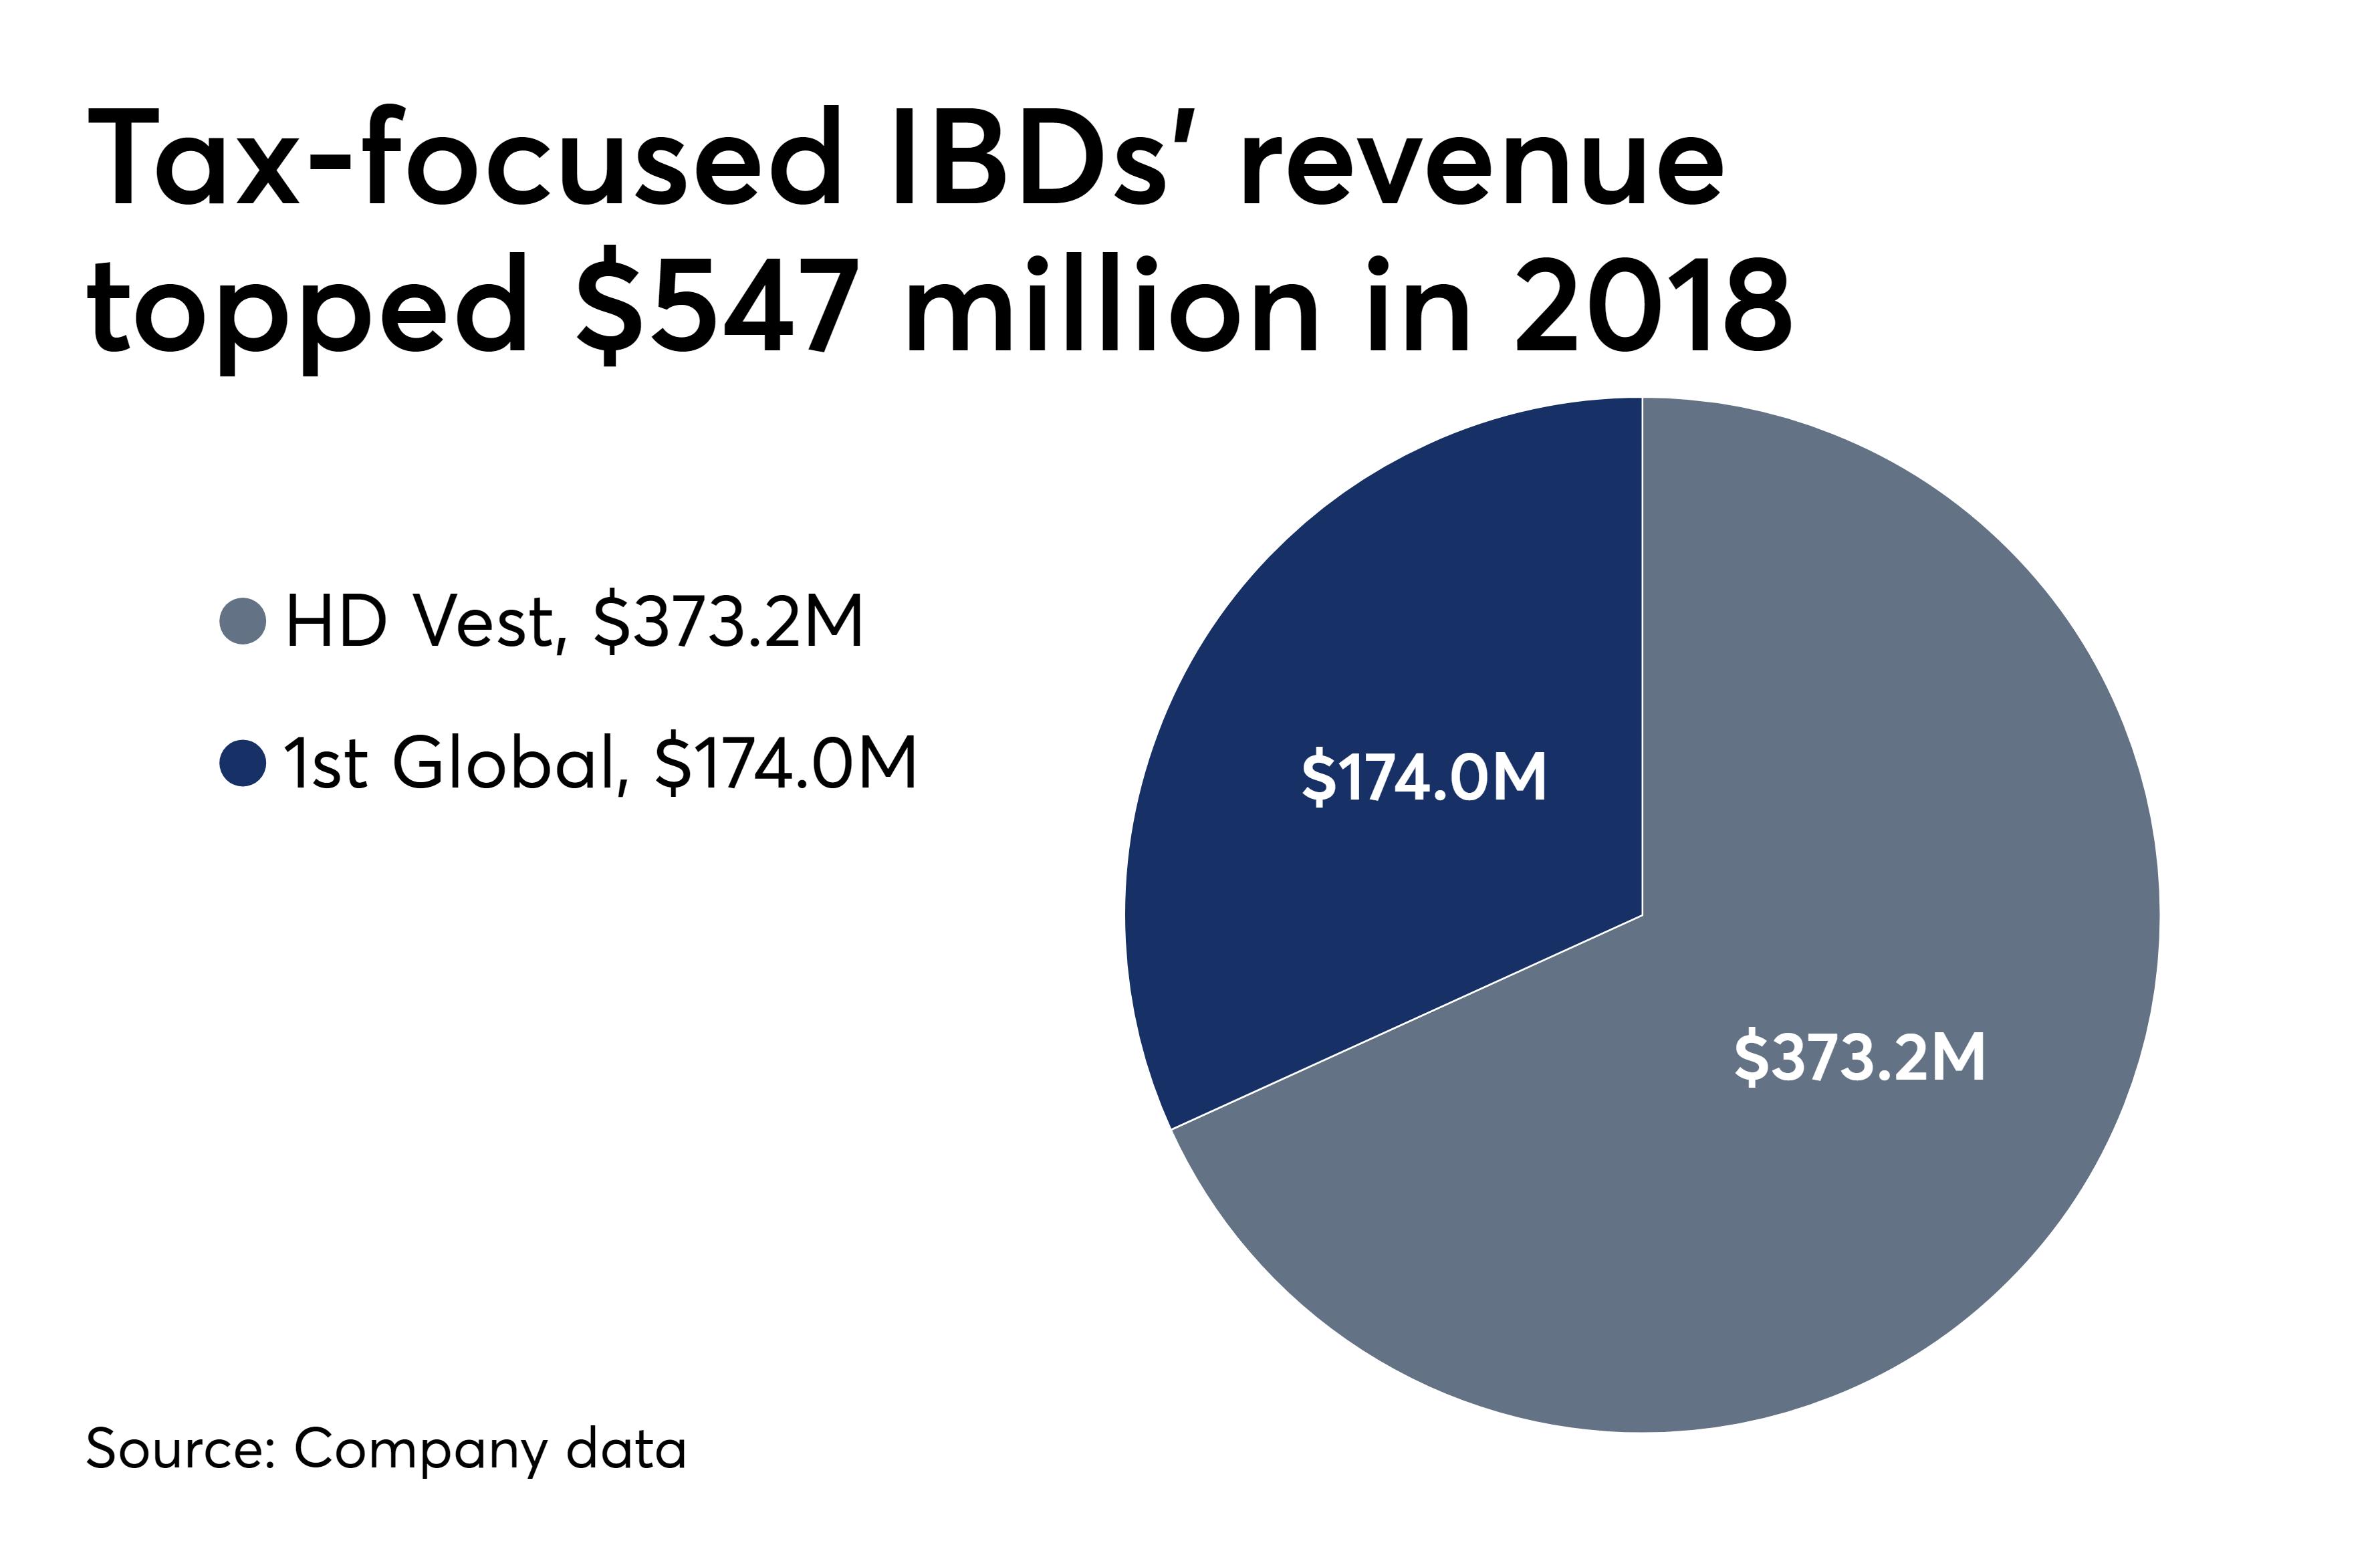 HD Vest parent Blucora to buy 1st Global IBD | Financial